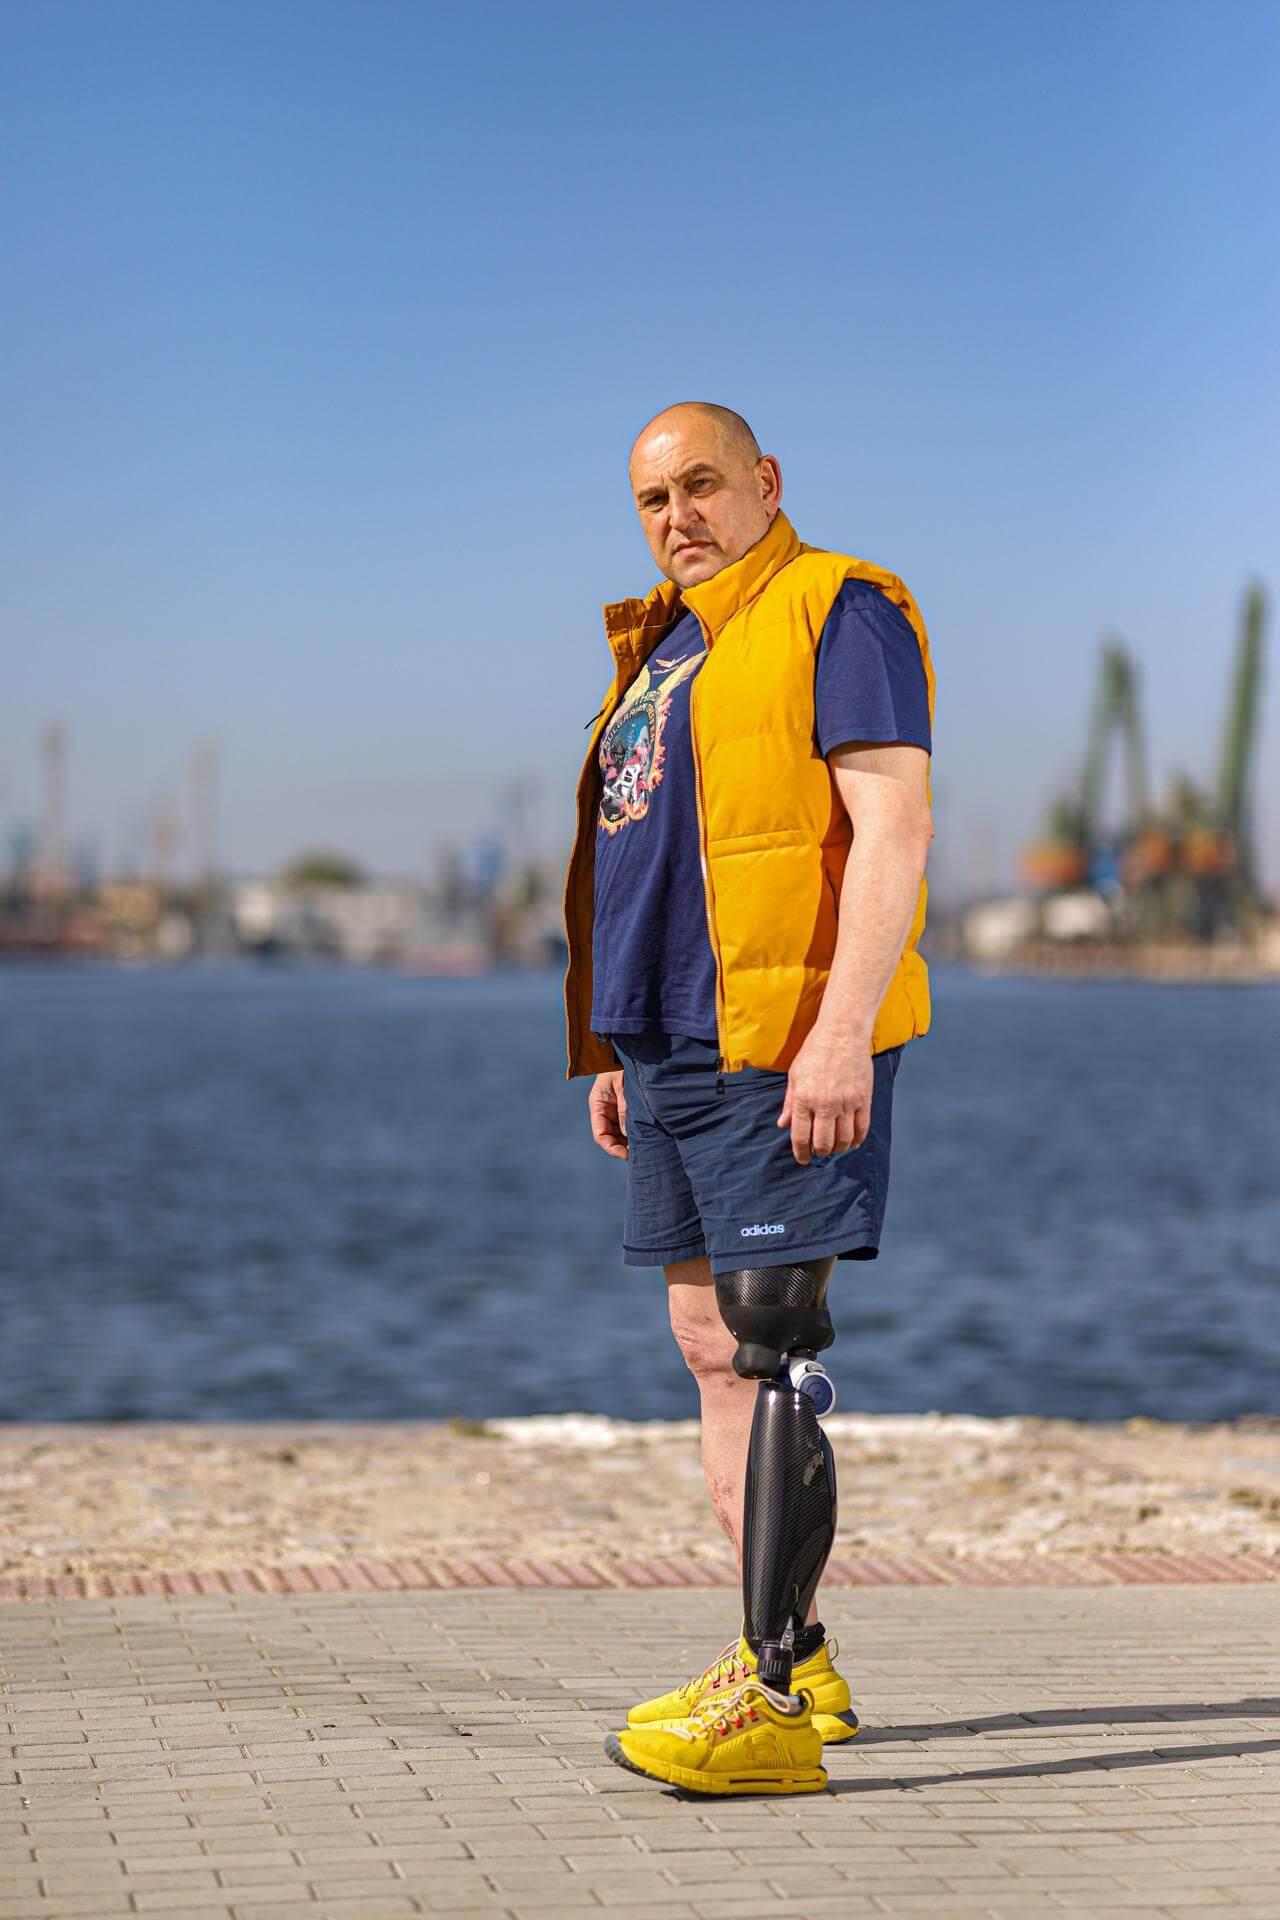 Протеза за крак - Асен бизнесмен - Ortomedics